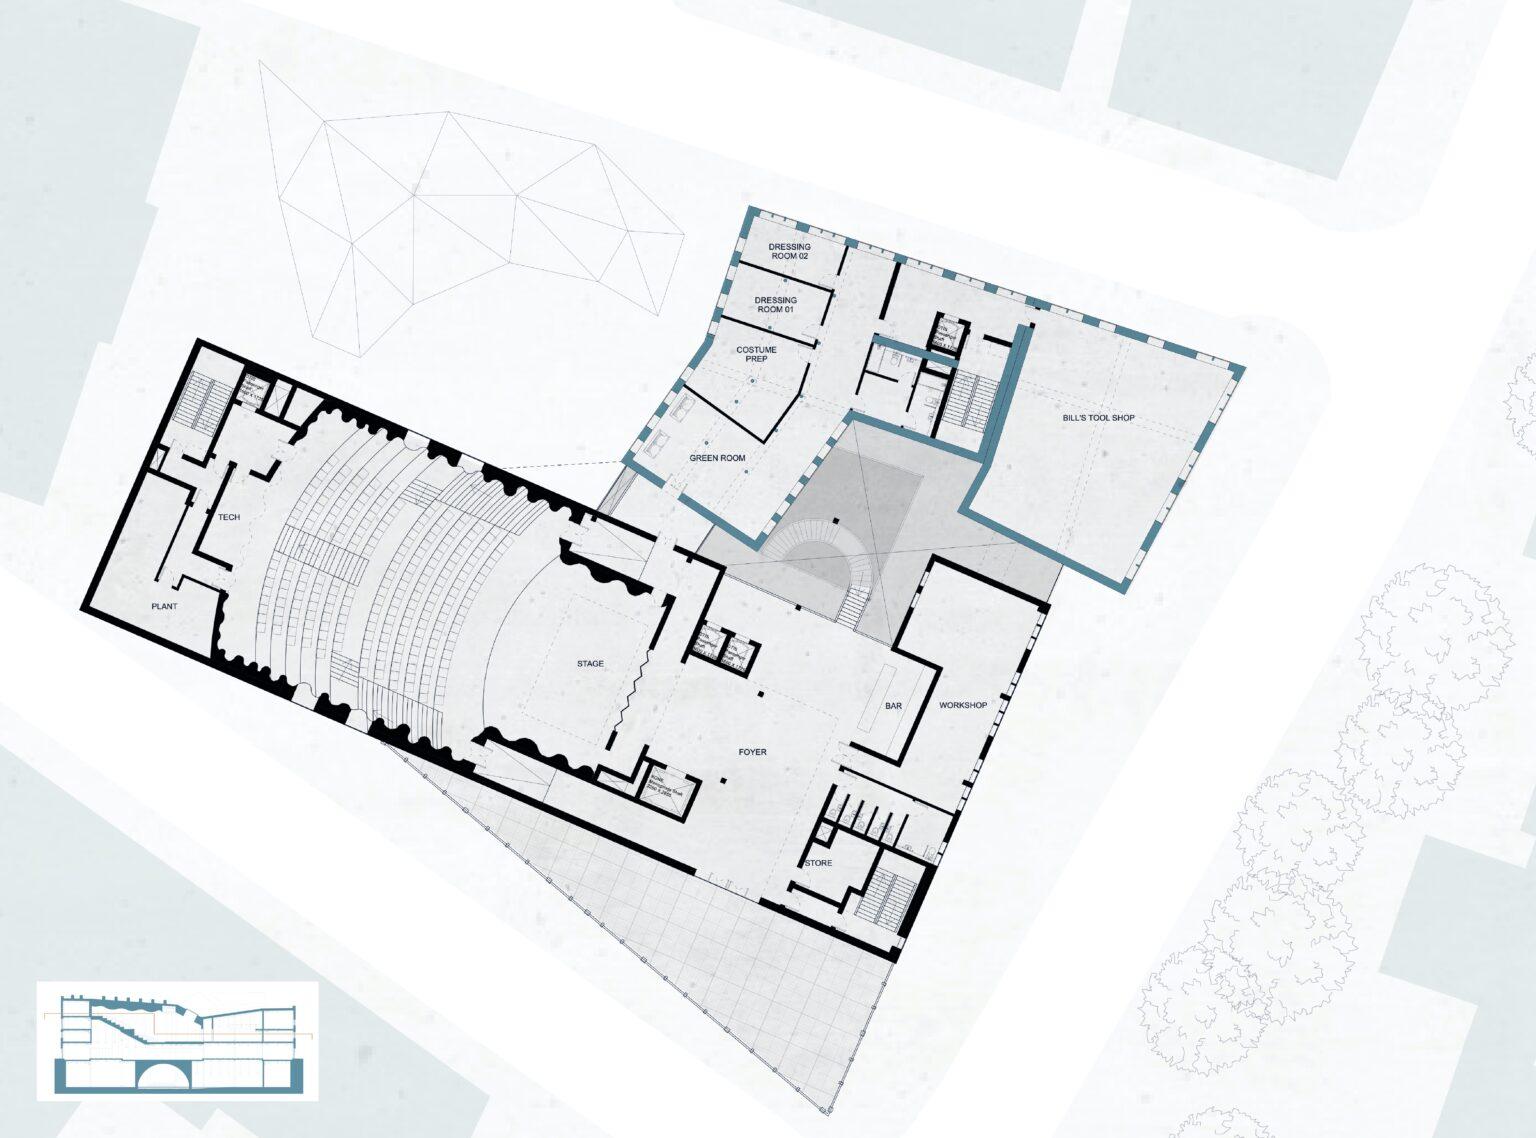 Plan Through Auditorium